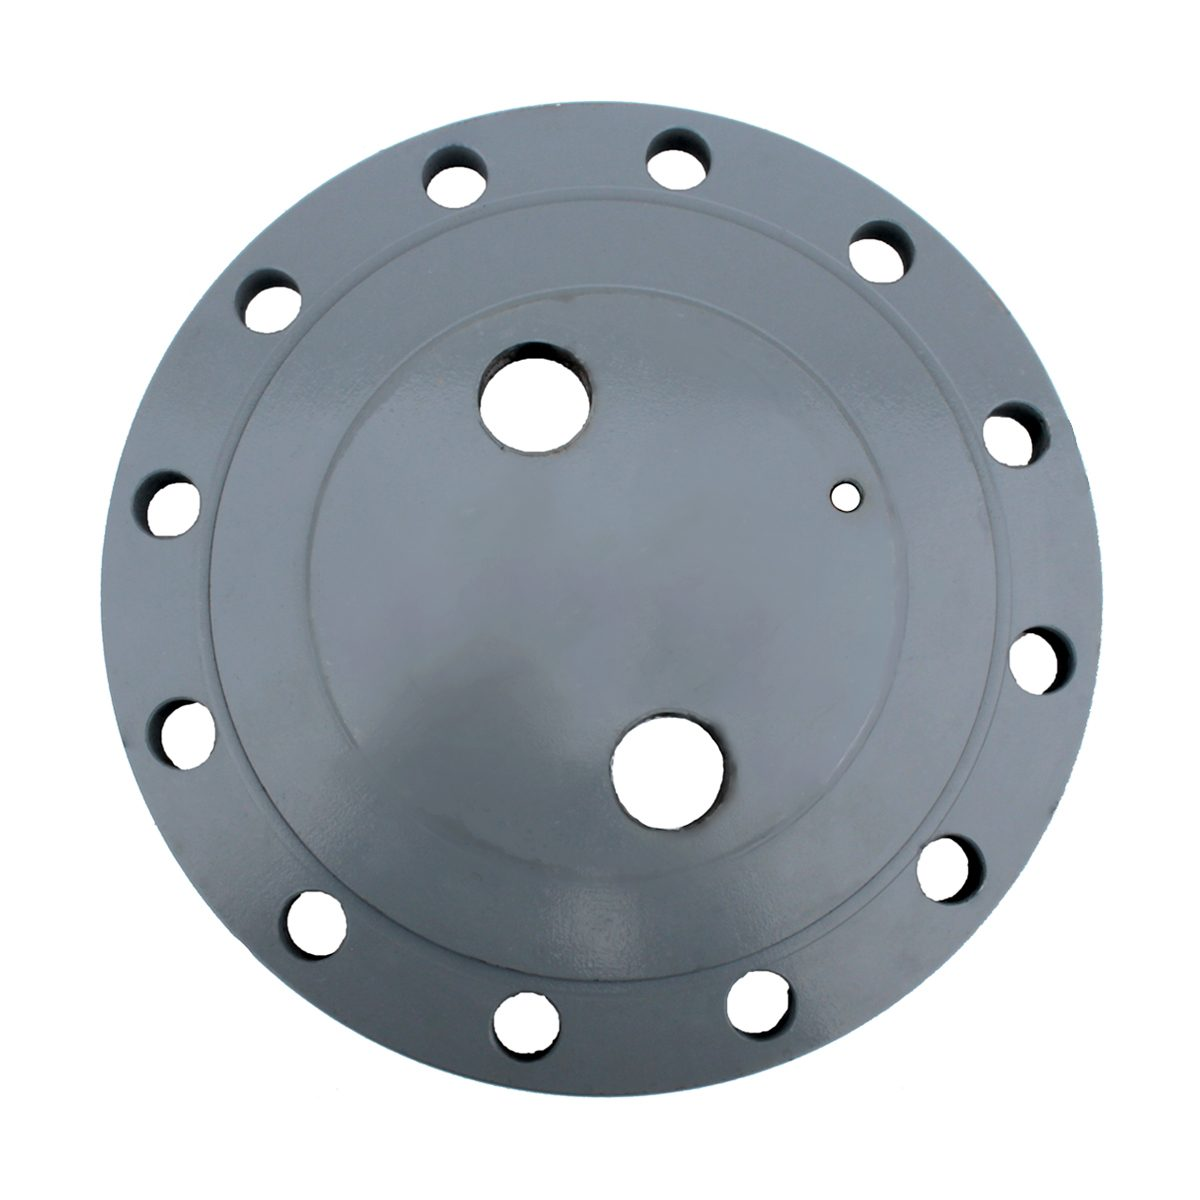 Фланец для ППП (СУГ) D335/DN200 с погружным плотномером